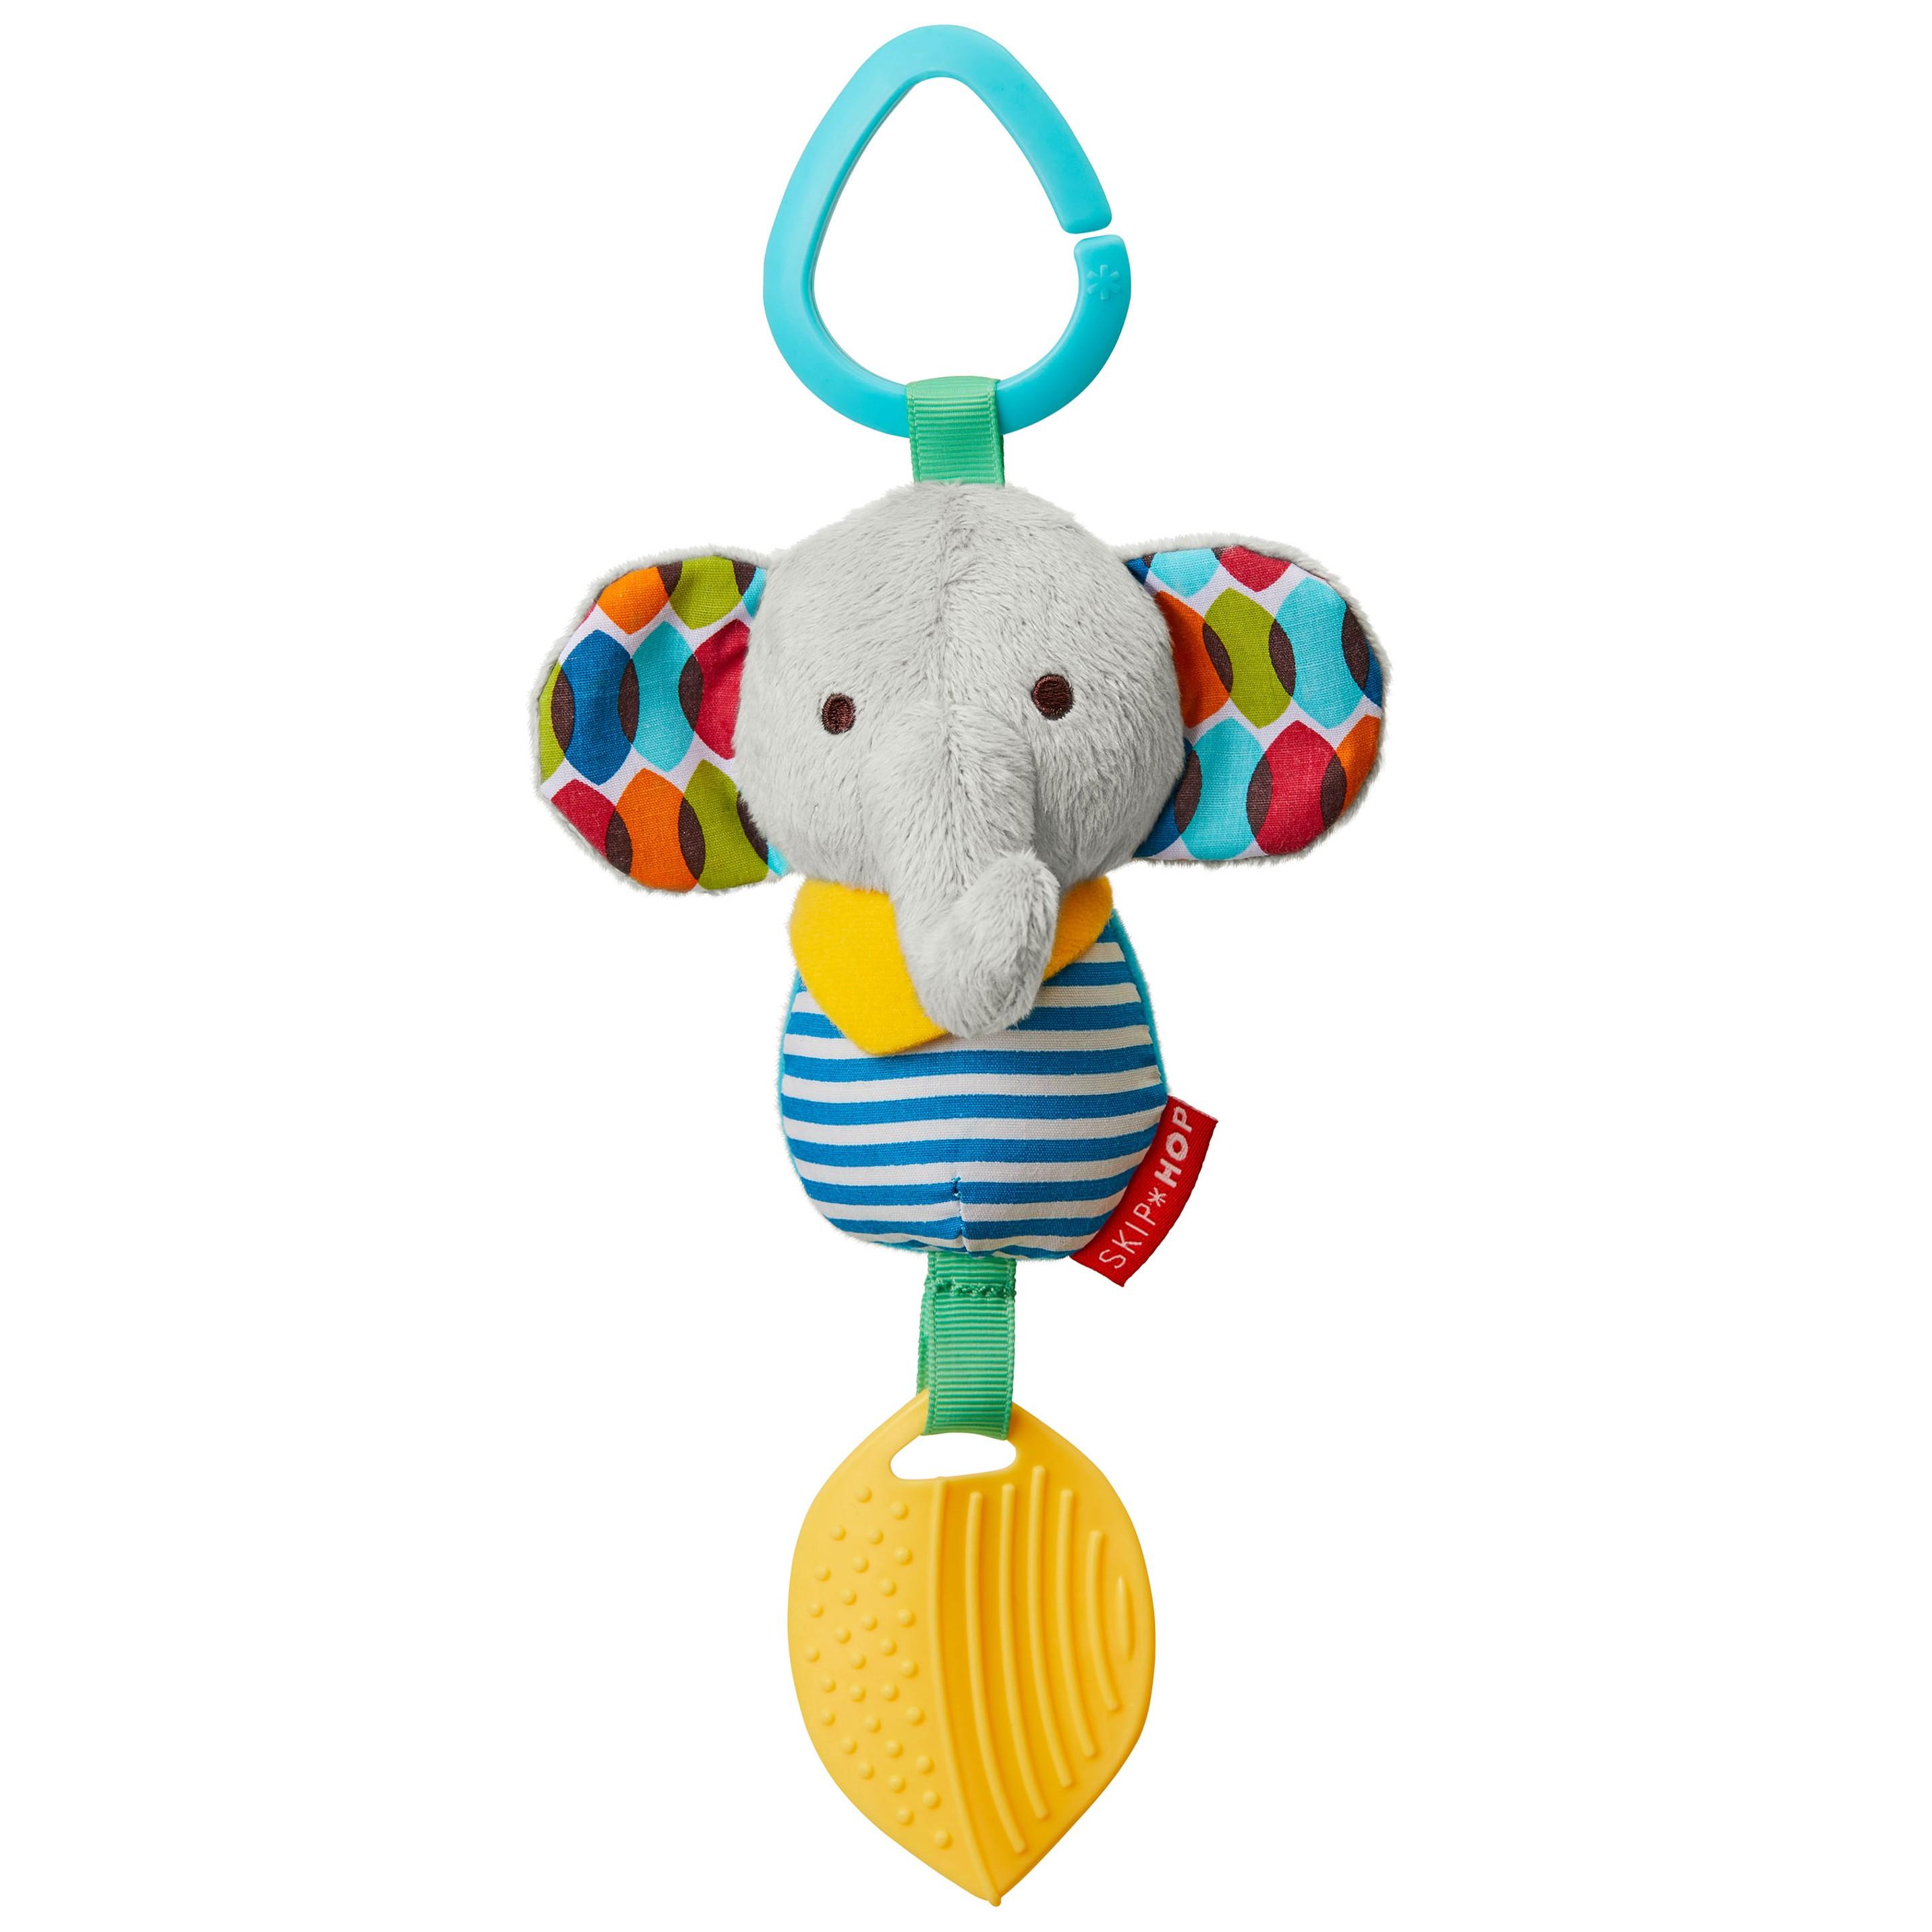 Hračka na C krúžku Bandana Buddies - Malý slon 0m+